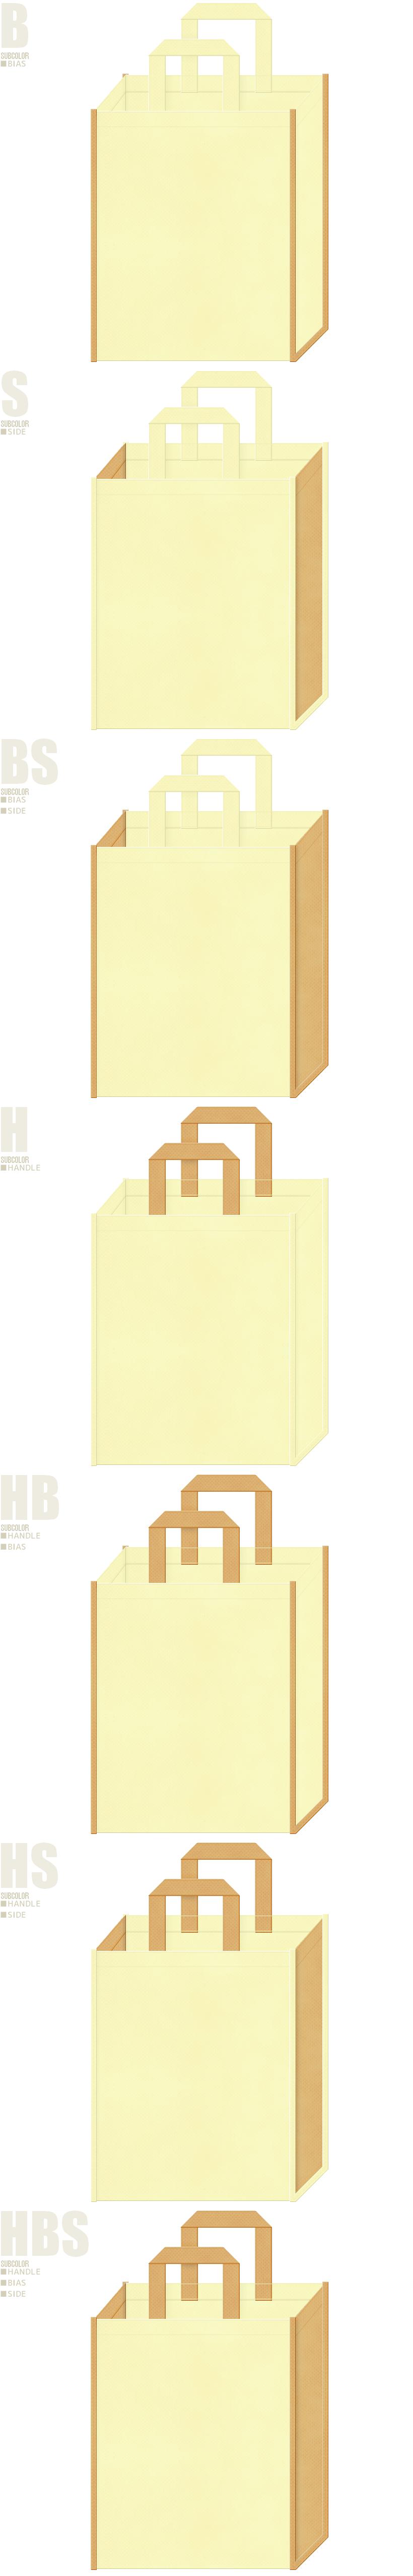 小鹿・クレープ・ワッフル・たい焼き・クリームパン・ベーカリー・スイーツ・ガーリーデザインにお奨めの不織布バッグデザイン:薄黄色と薄黄土色の配色7パターン。